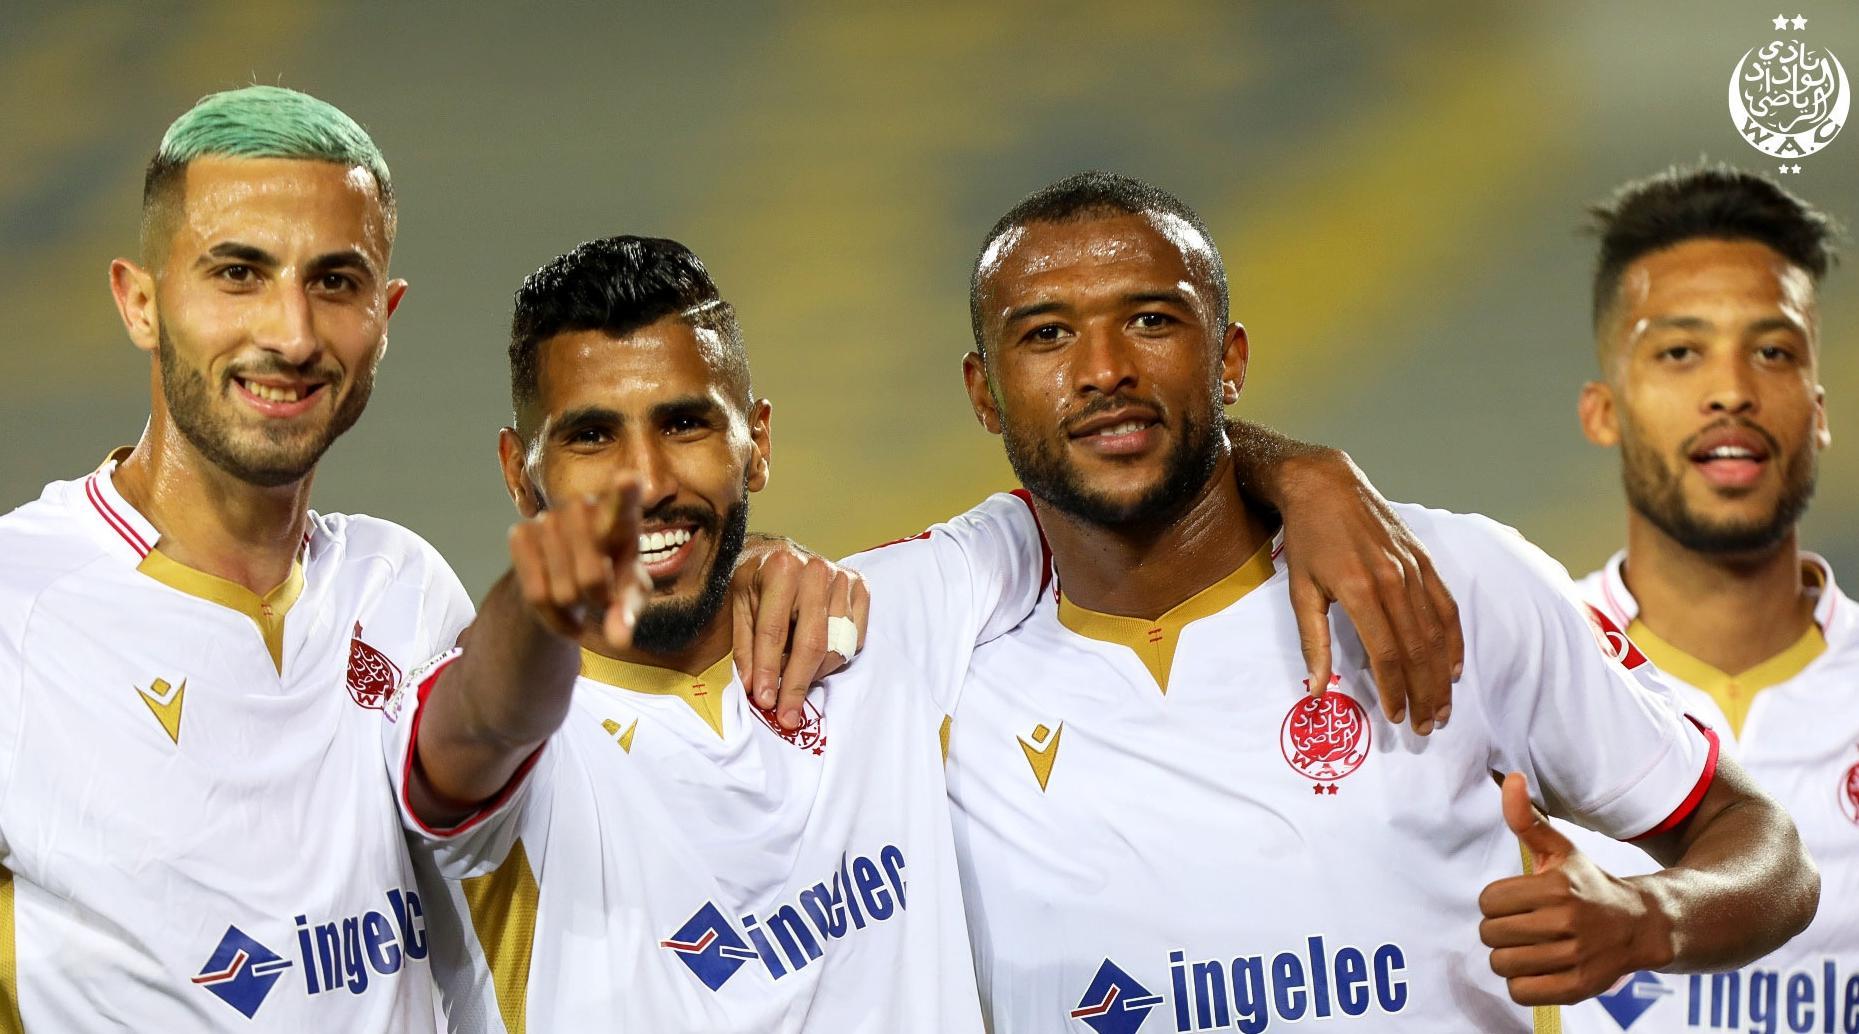 أشرف داري, أيمن الحسوني, Ayman El Hassouni, ACHRAF DARI